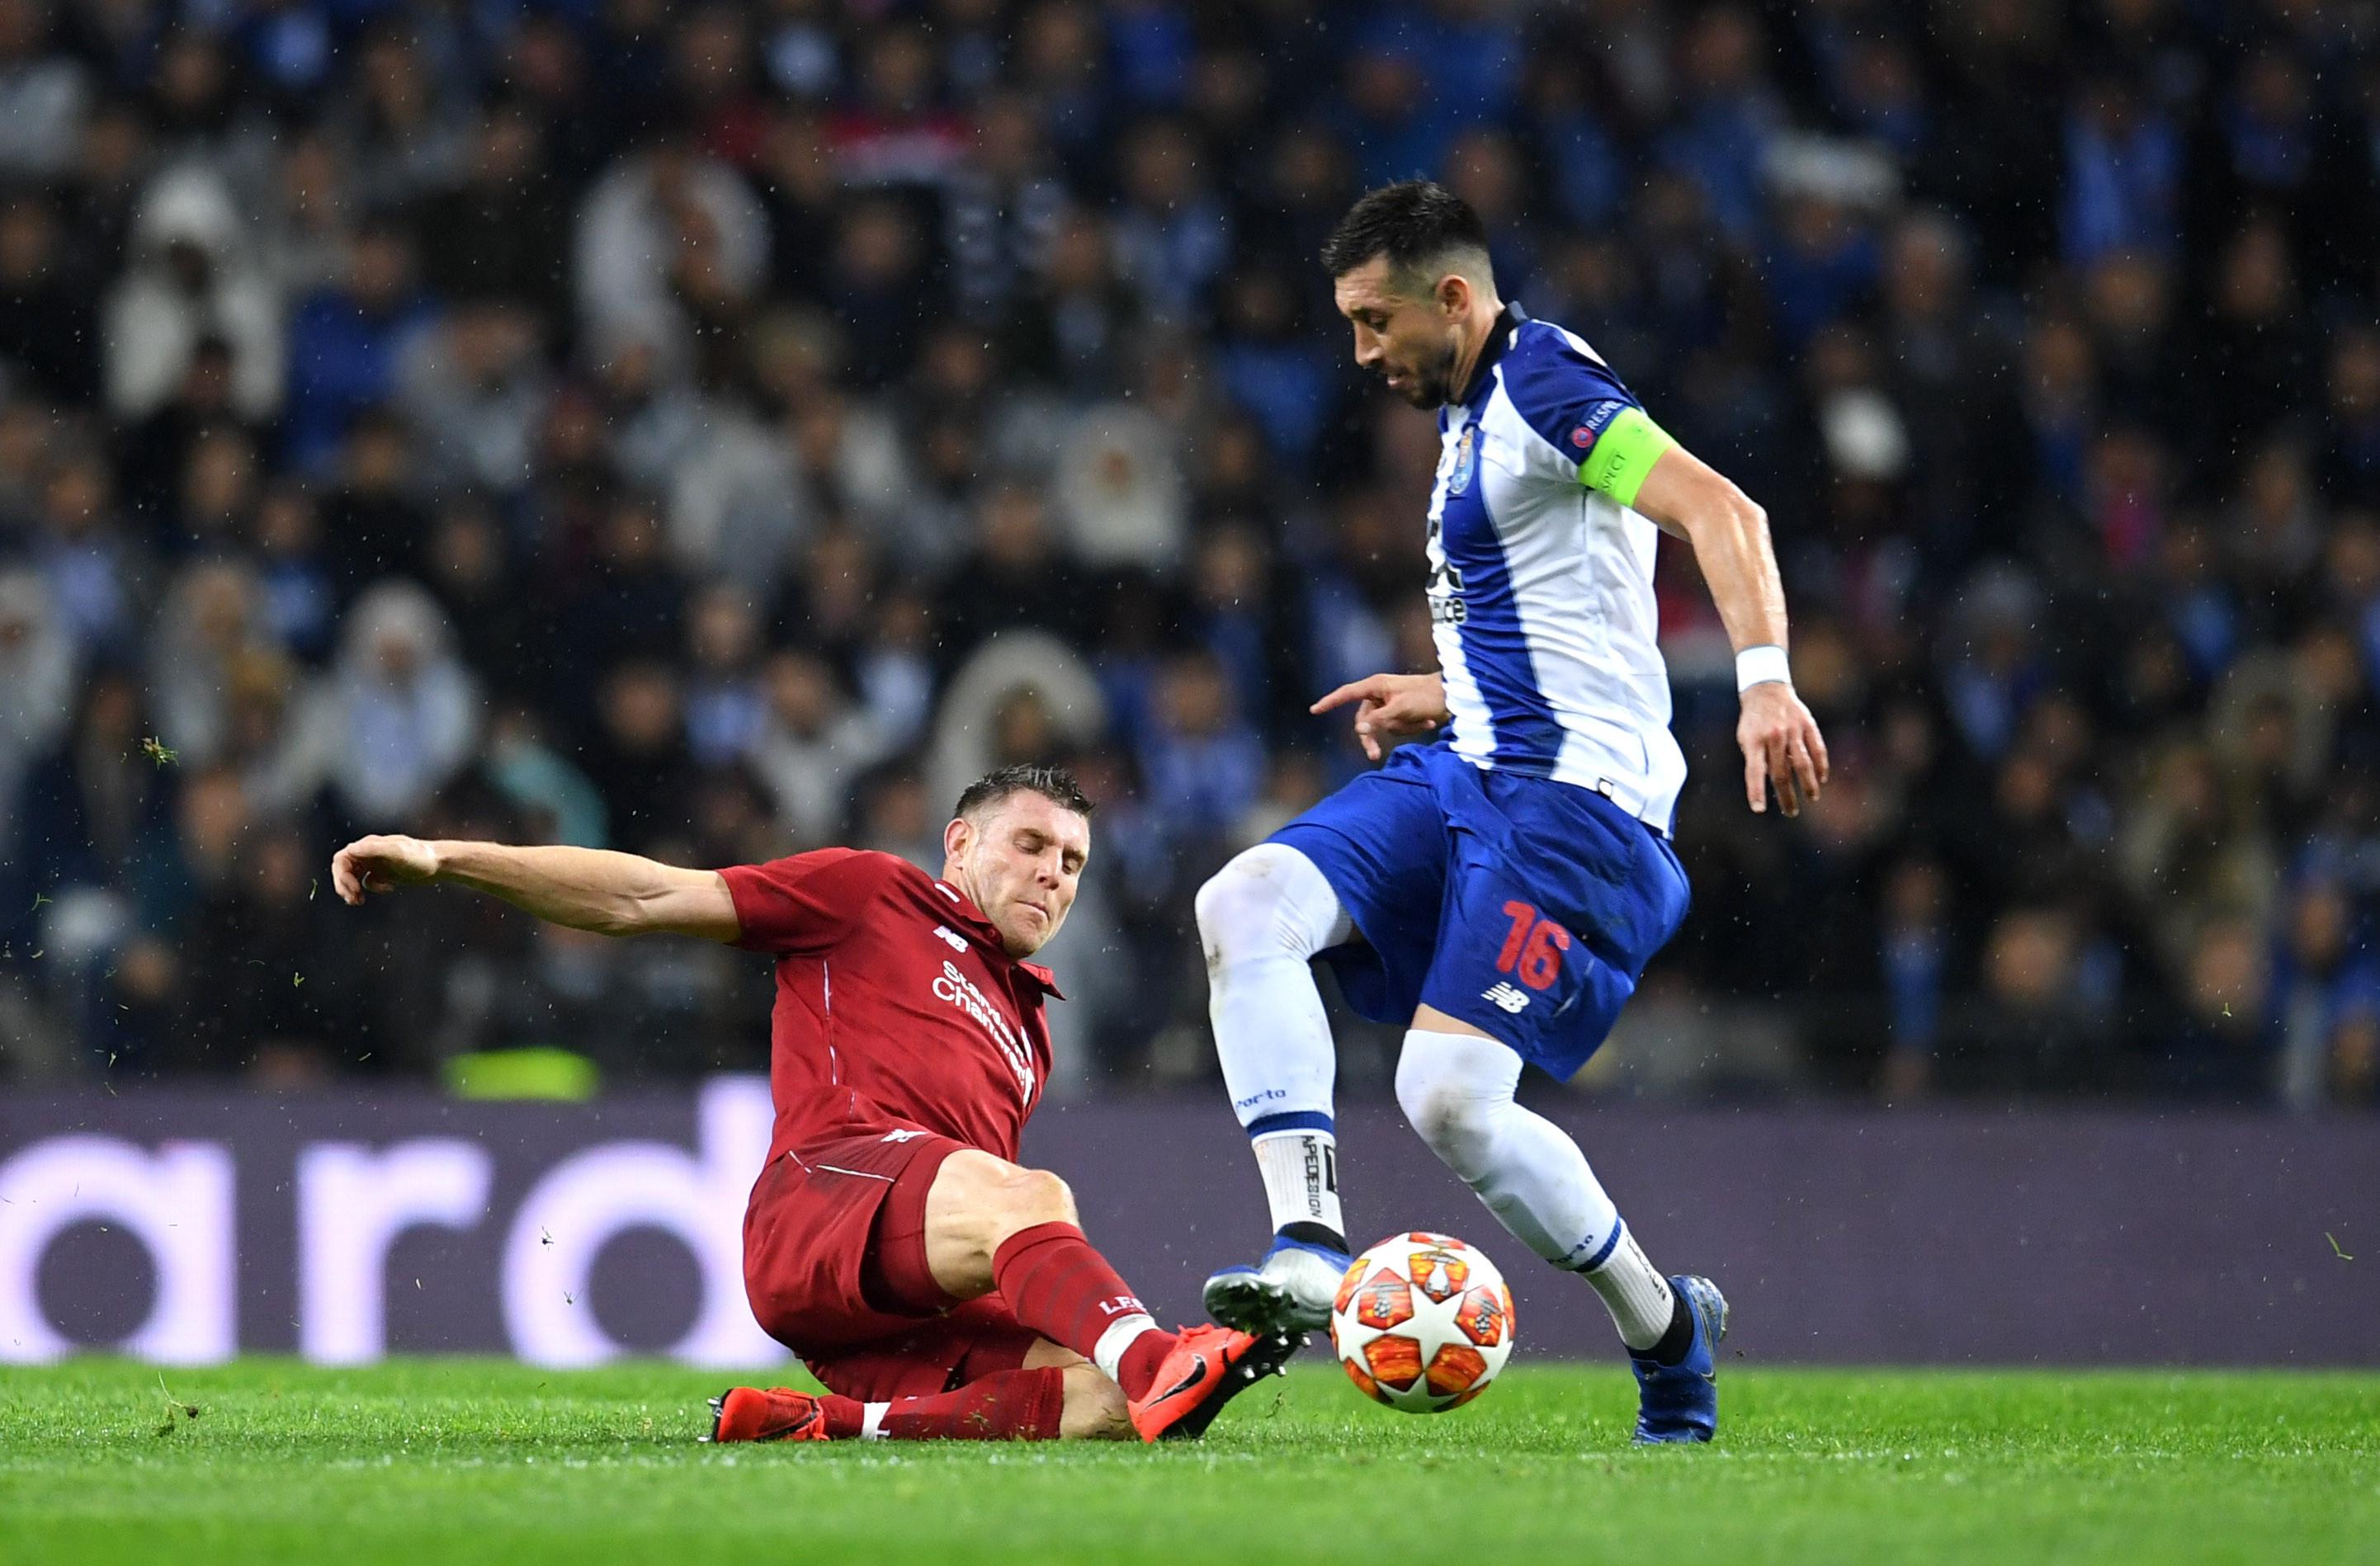 Espanhóis insistem que Herrera vai ser jogador do Atlético de Madrid